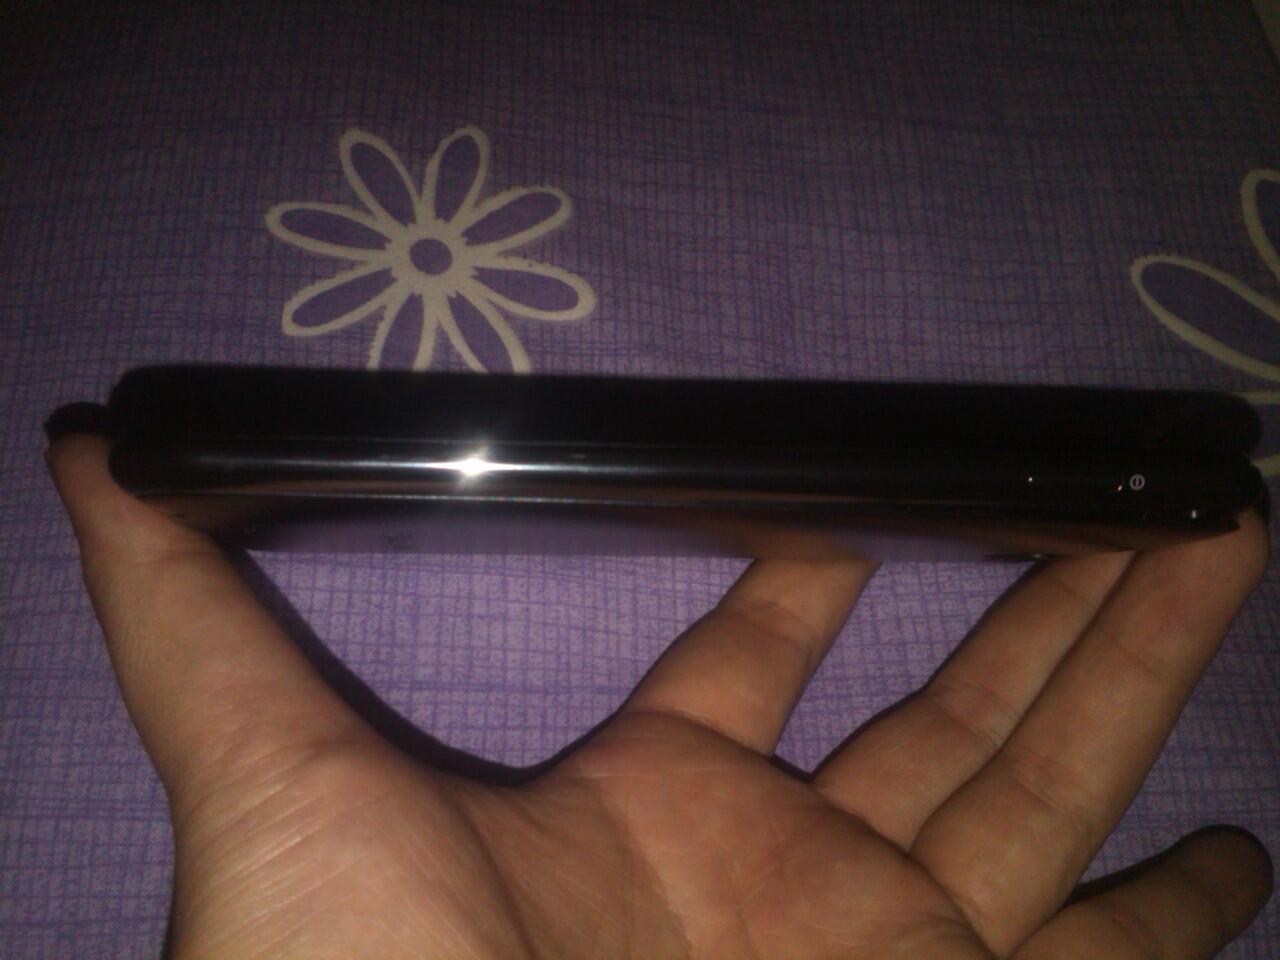 Jual Samsung Galaxy Note 1 N7000 Black